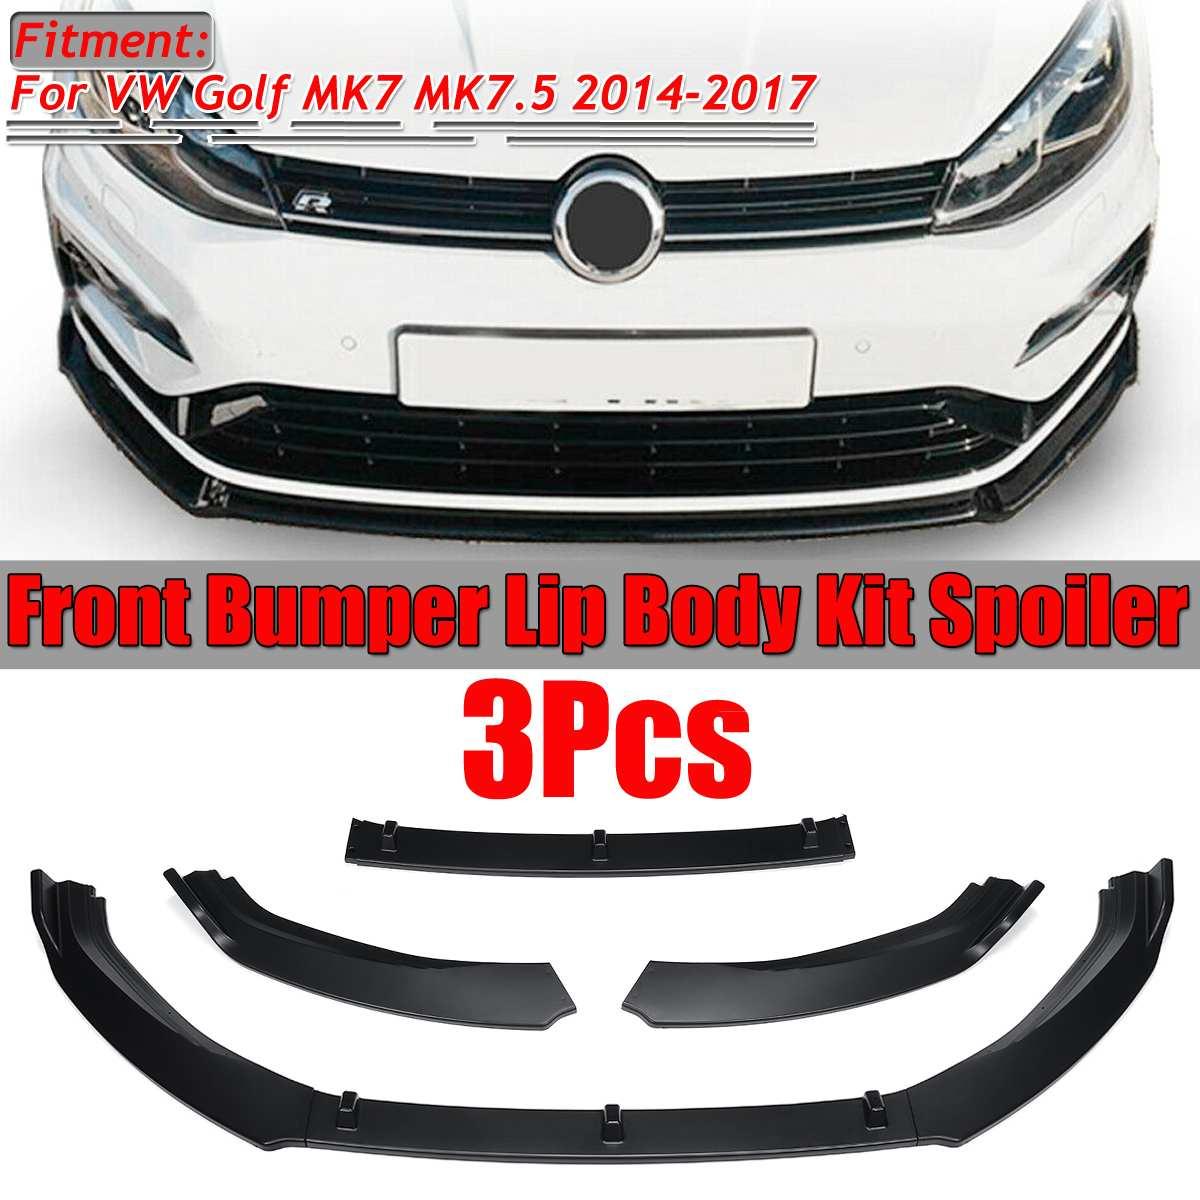 3 個の車のフロントバンパースポイラーディフューザープロテクターガードカバー Vw ゴルフ MK7 MK7.5 2014 2015 2016 2017